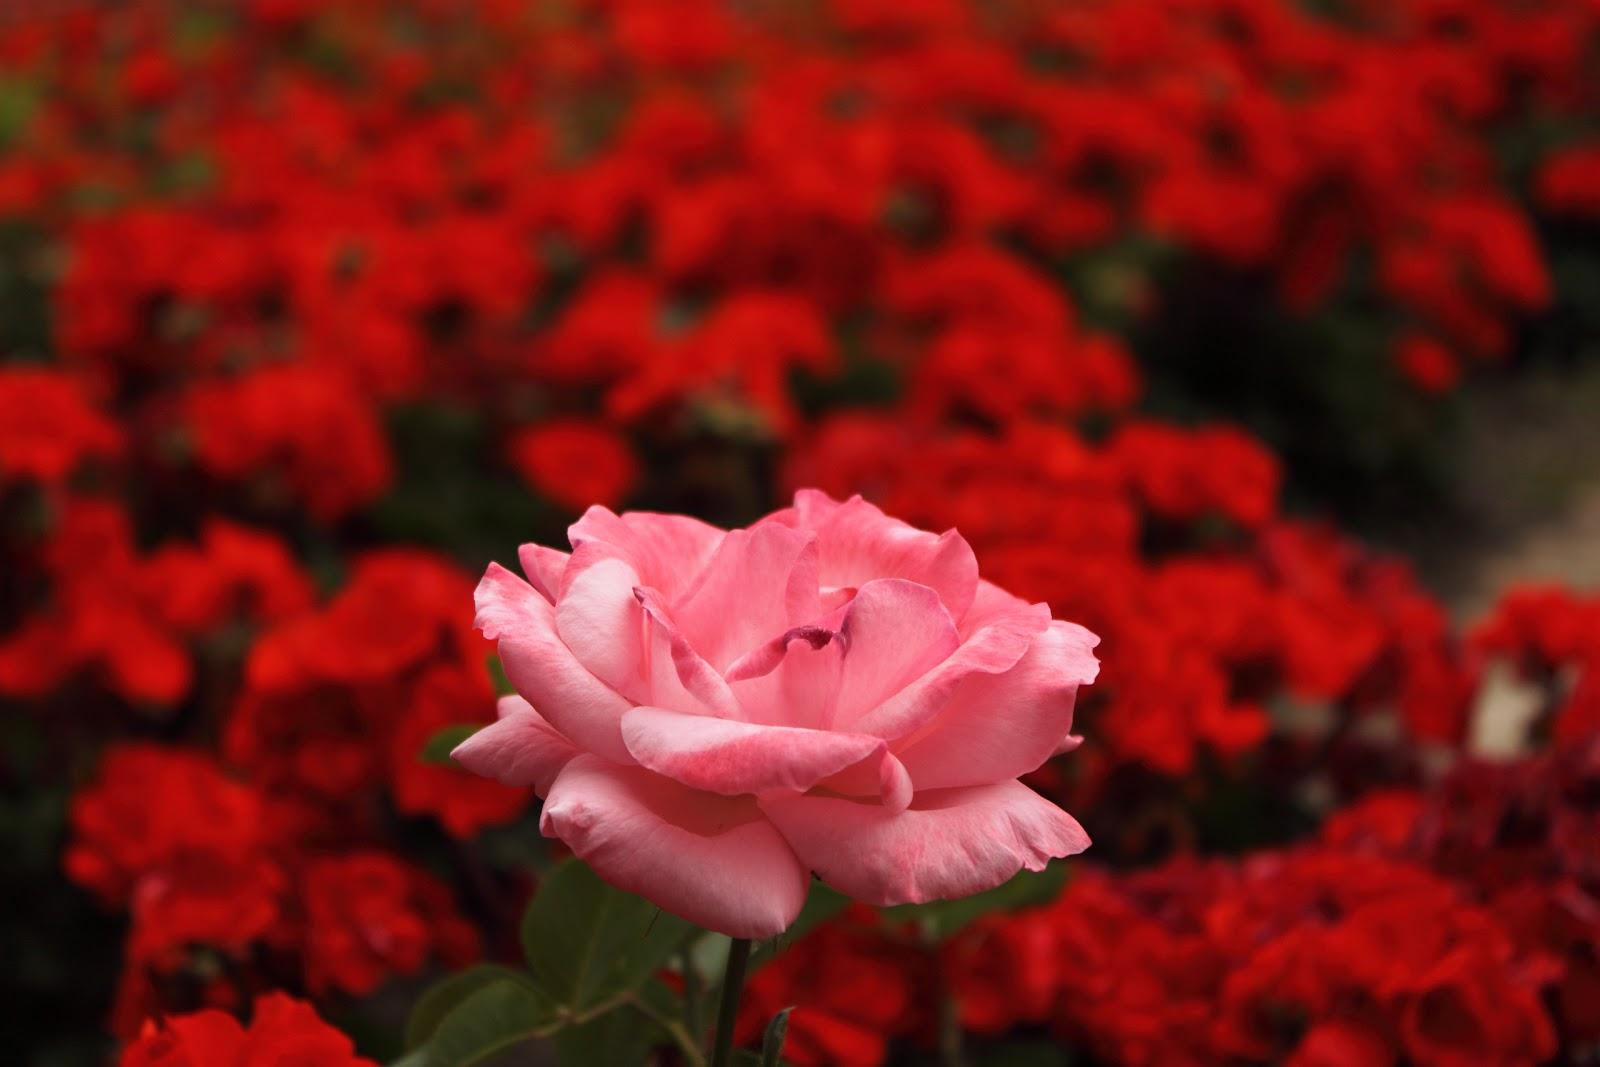 imagenes de rosas rojas p descargar gratis hermosas  - Descargar Imagenes De Rosas Rojas